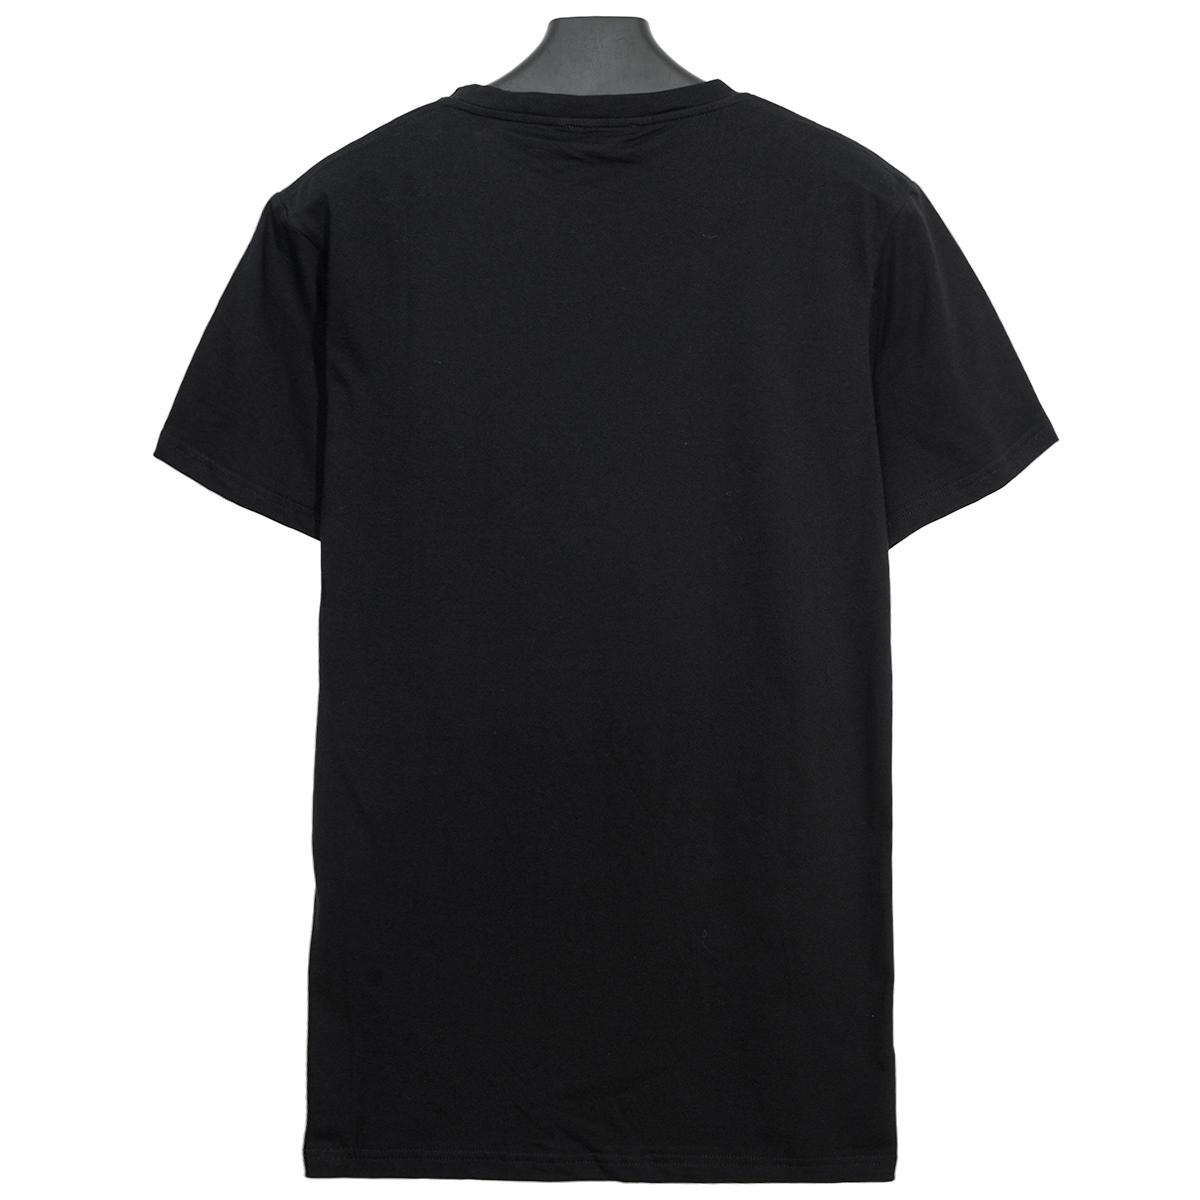 เสื้อ BALMAIN T-SHIRT LOGO เสื้อยืด สกรีน โลโก้ BALMAIN ตรงด้านหน้าของตัวเสื้อ สินค้ามีป้ายแท็ก และ ติดป้ายแบรนด์ BALMAIN PARIS แบบ ของแท้ 3